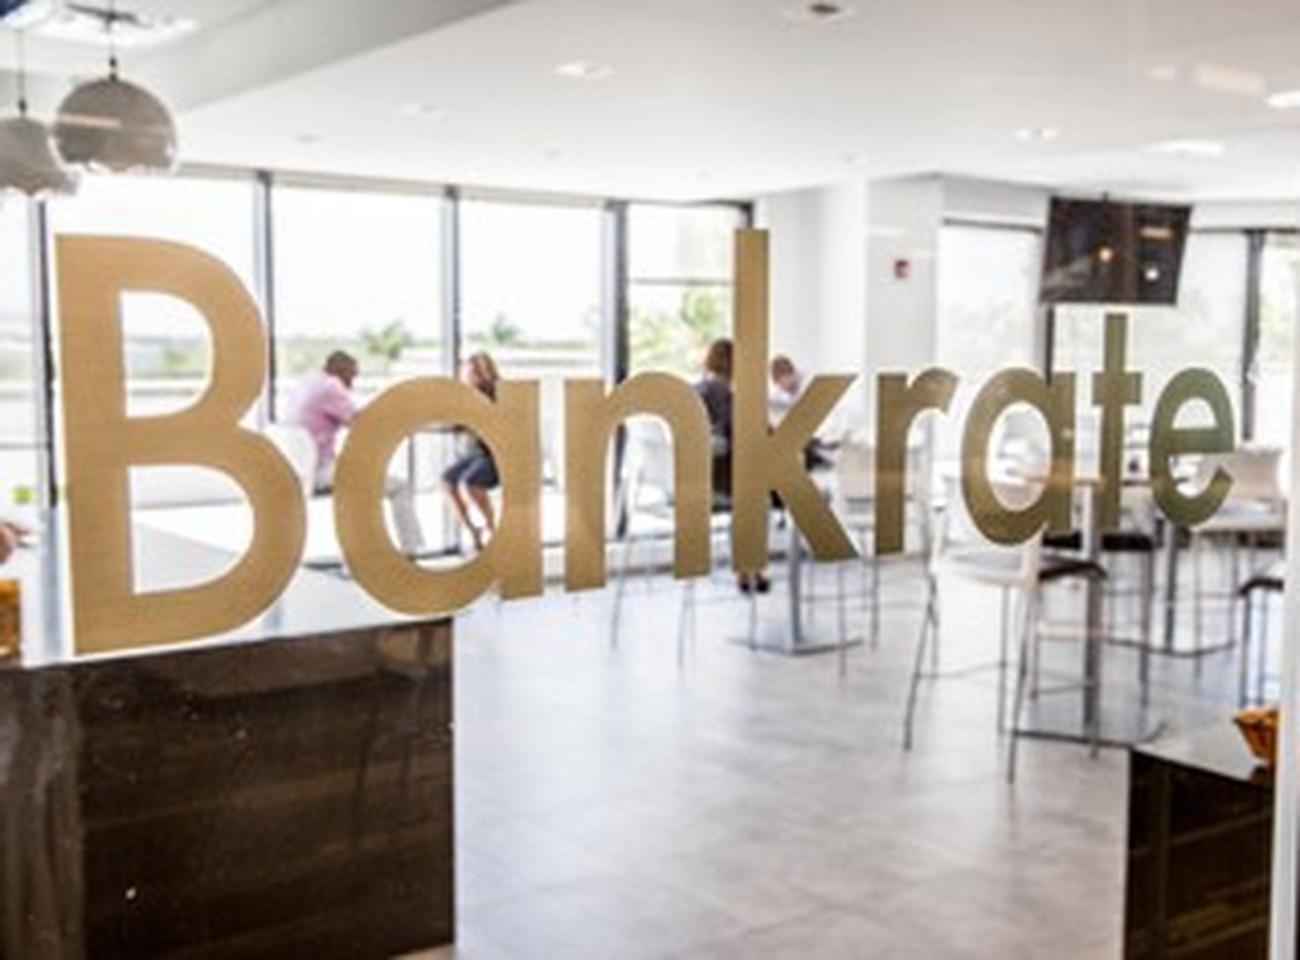 Bankrate.com Careers